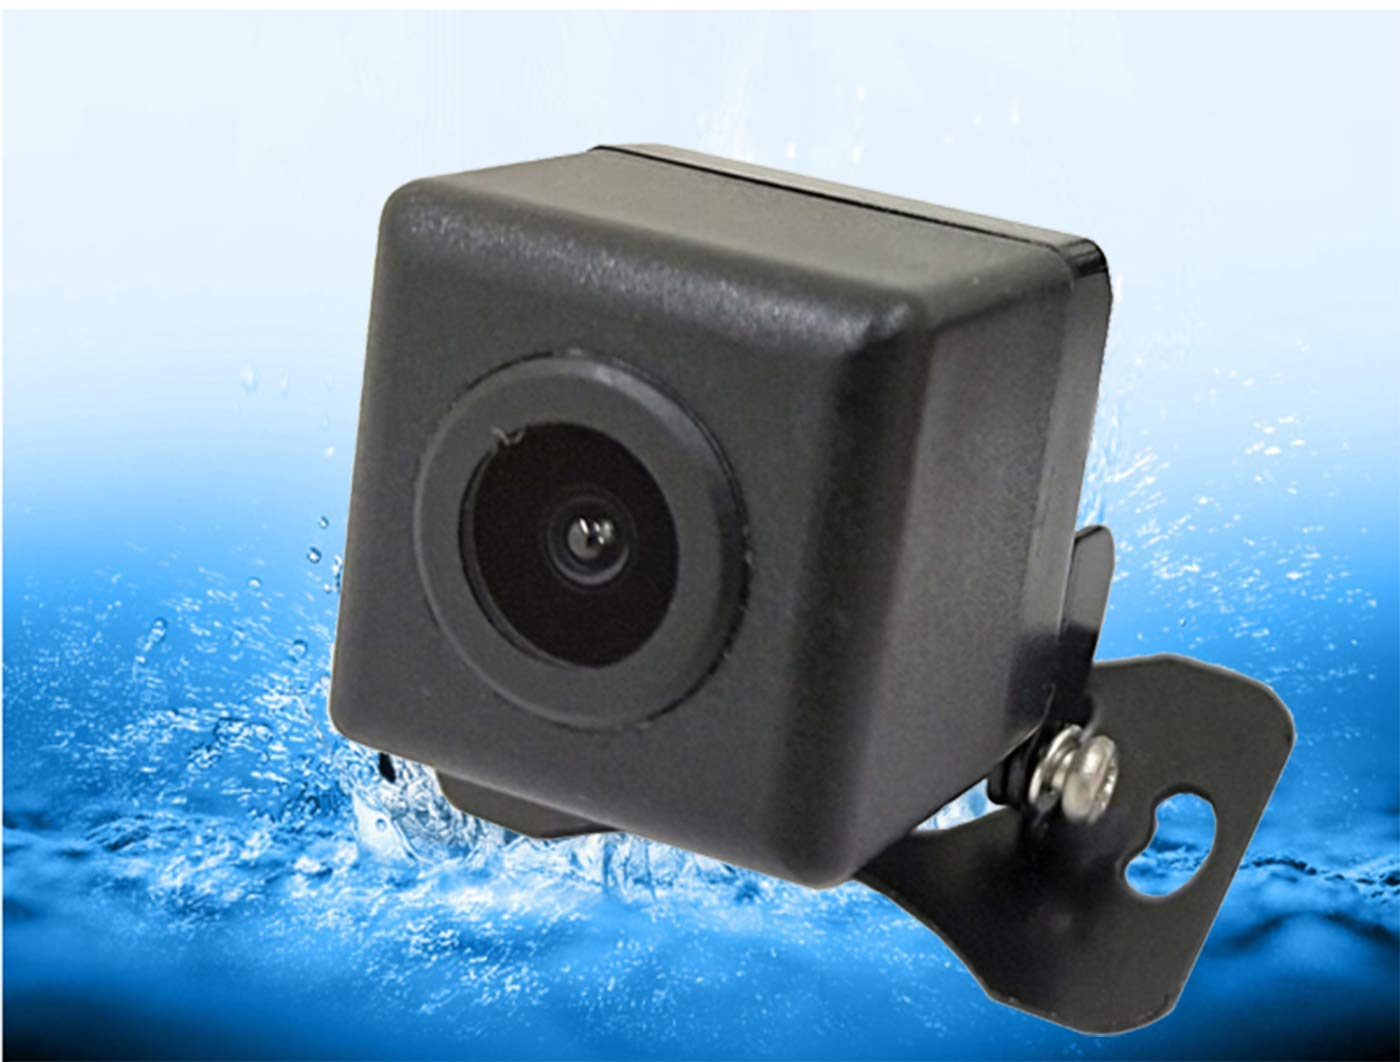 Wasserdichte-IP67-170-Grad-Auto-Rckfahrkamera-Rckfahrkamera-Rckfahrkamera-Universal-Color-CMOS-Imaging-Chip-Backup-Parken-HD-Rckfahrkamera